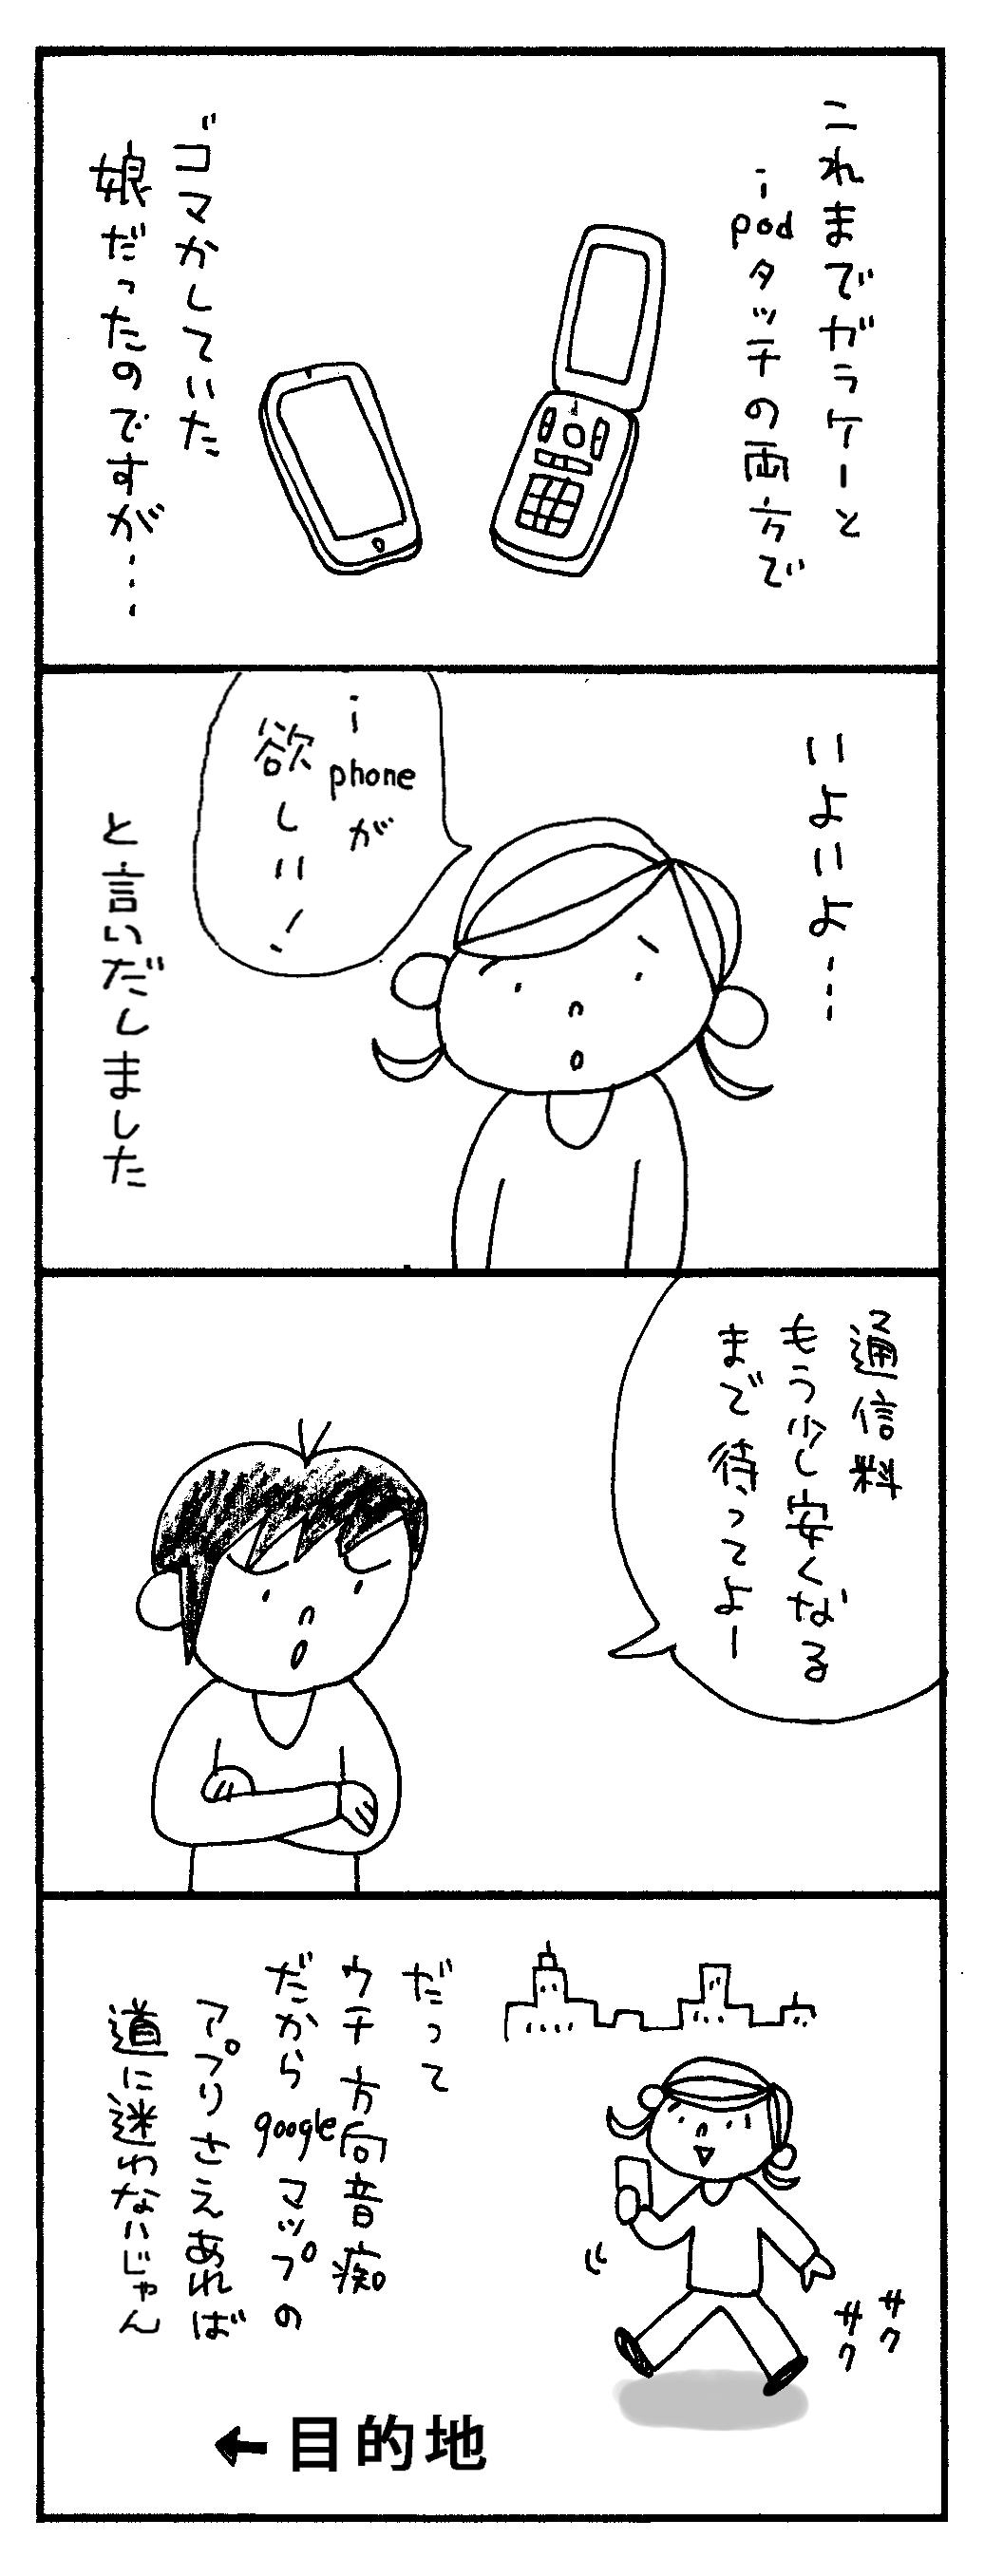 ケータイ1821